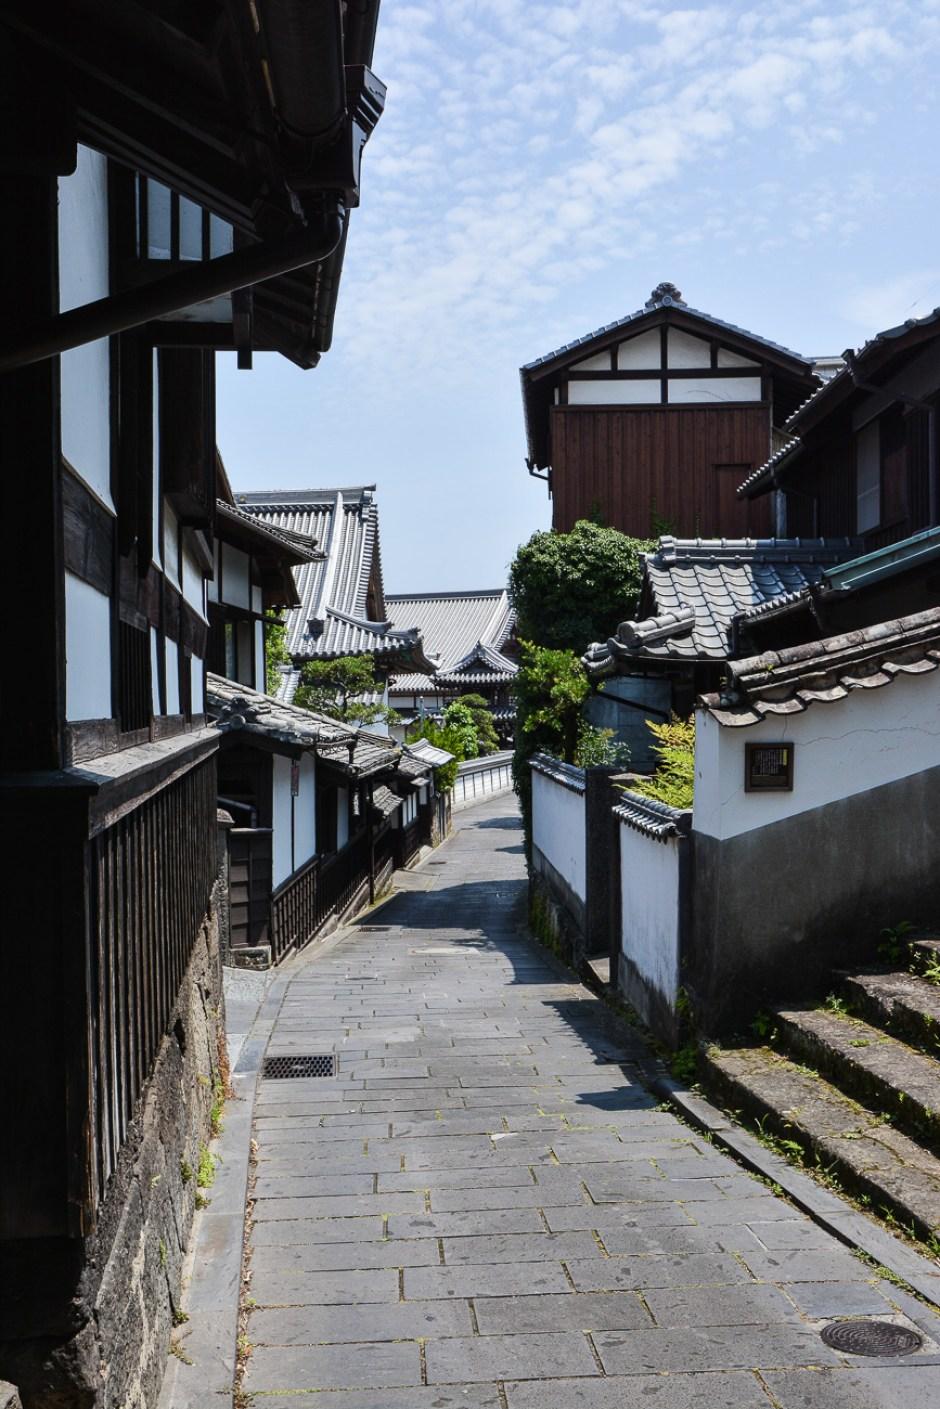 le village de samourai d'Usuki,dans la préfécture d'Oita à Kyushu au Japon